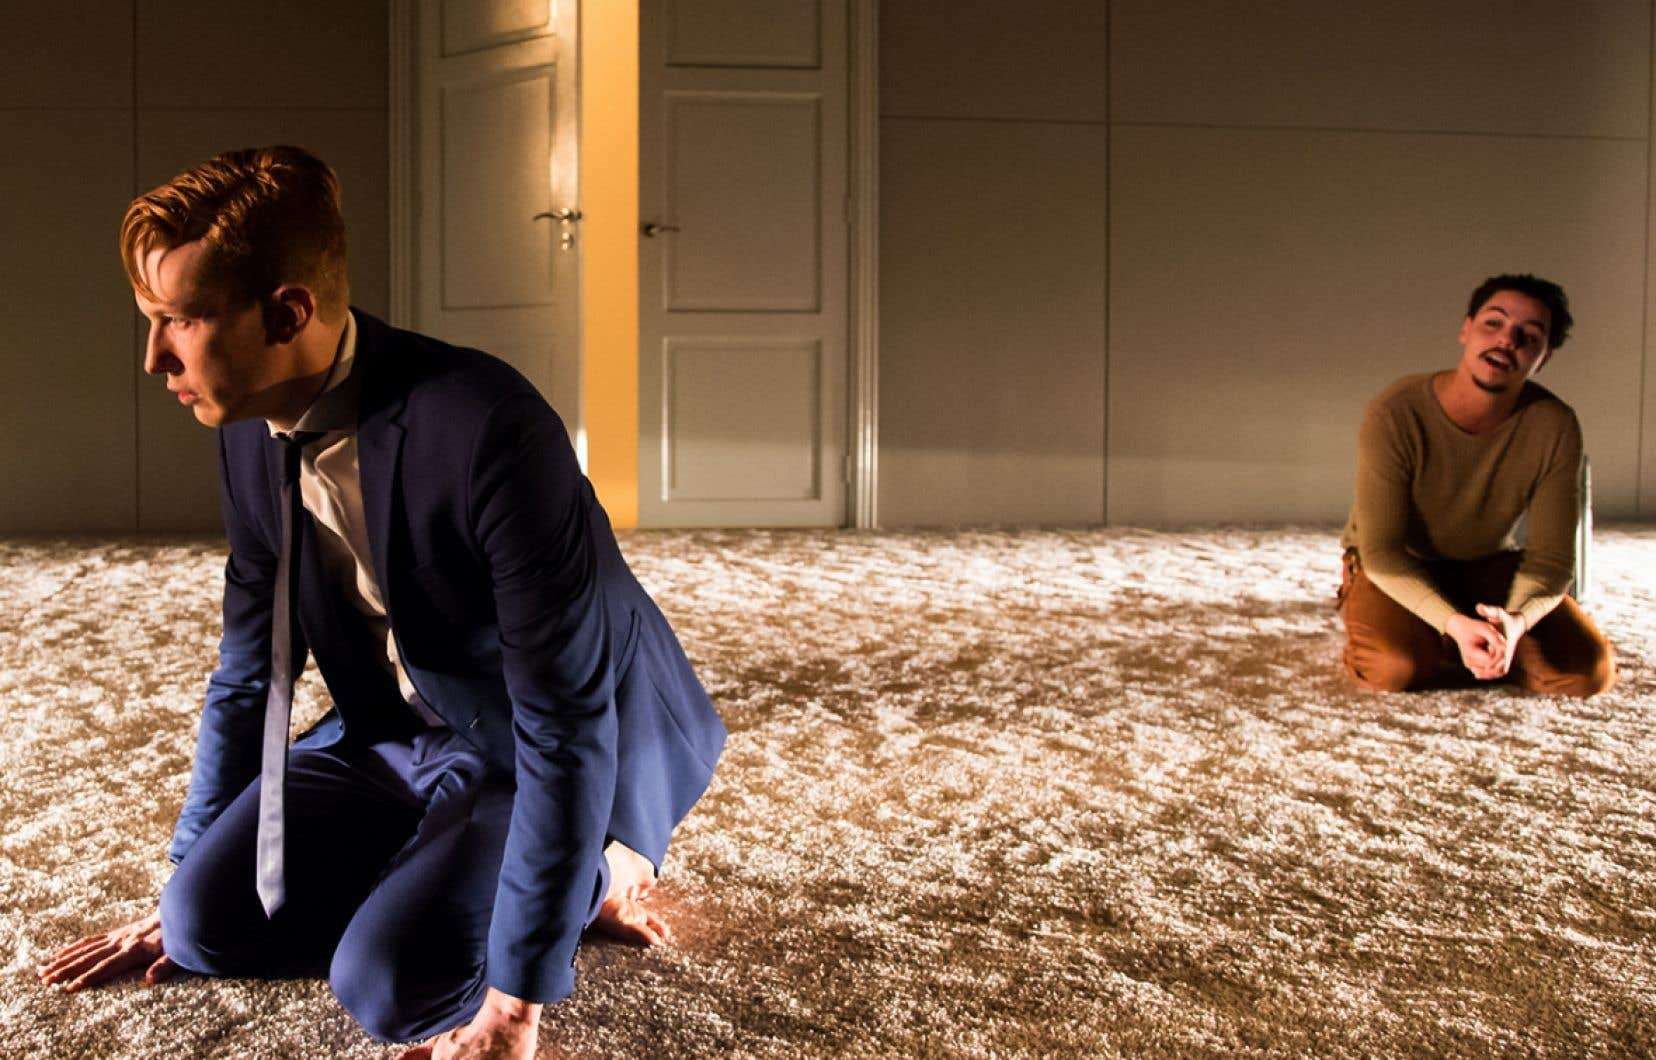 À l'exception du protagoniste «straight», les personnages de la pièce endossent des identités fluides, mouvantes, parfois des travestissements sexuels.